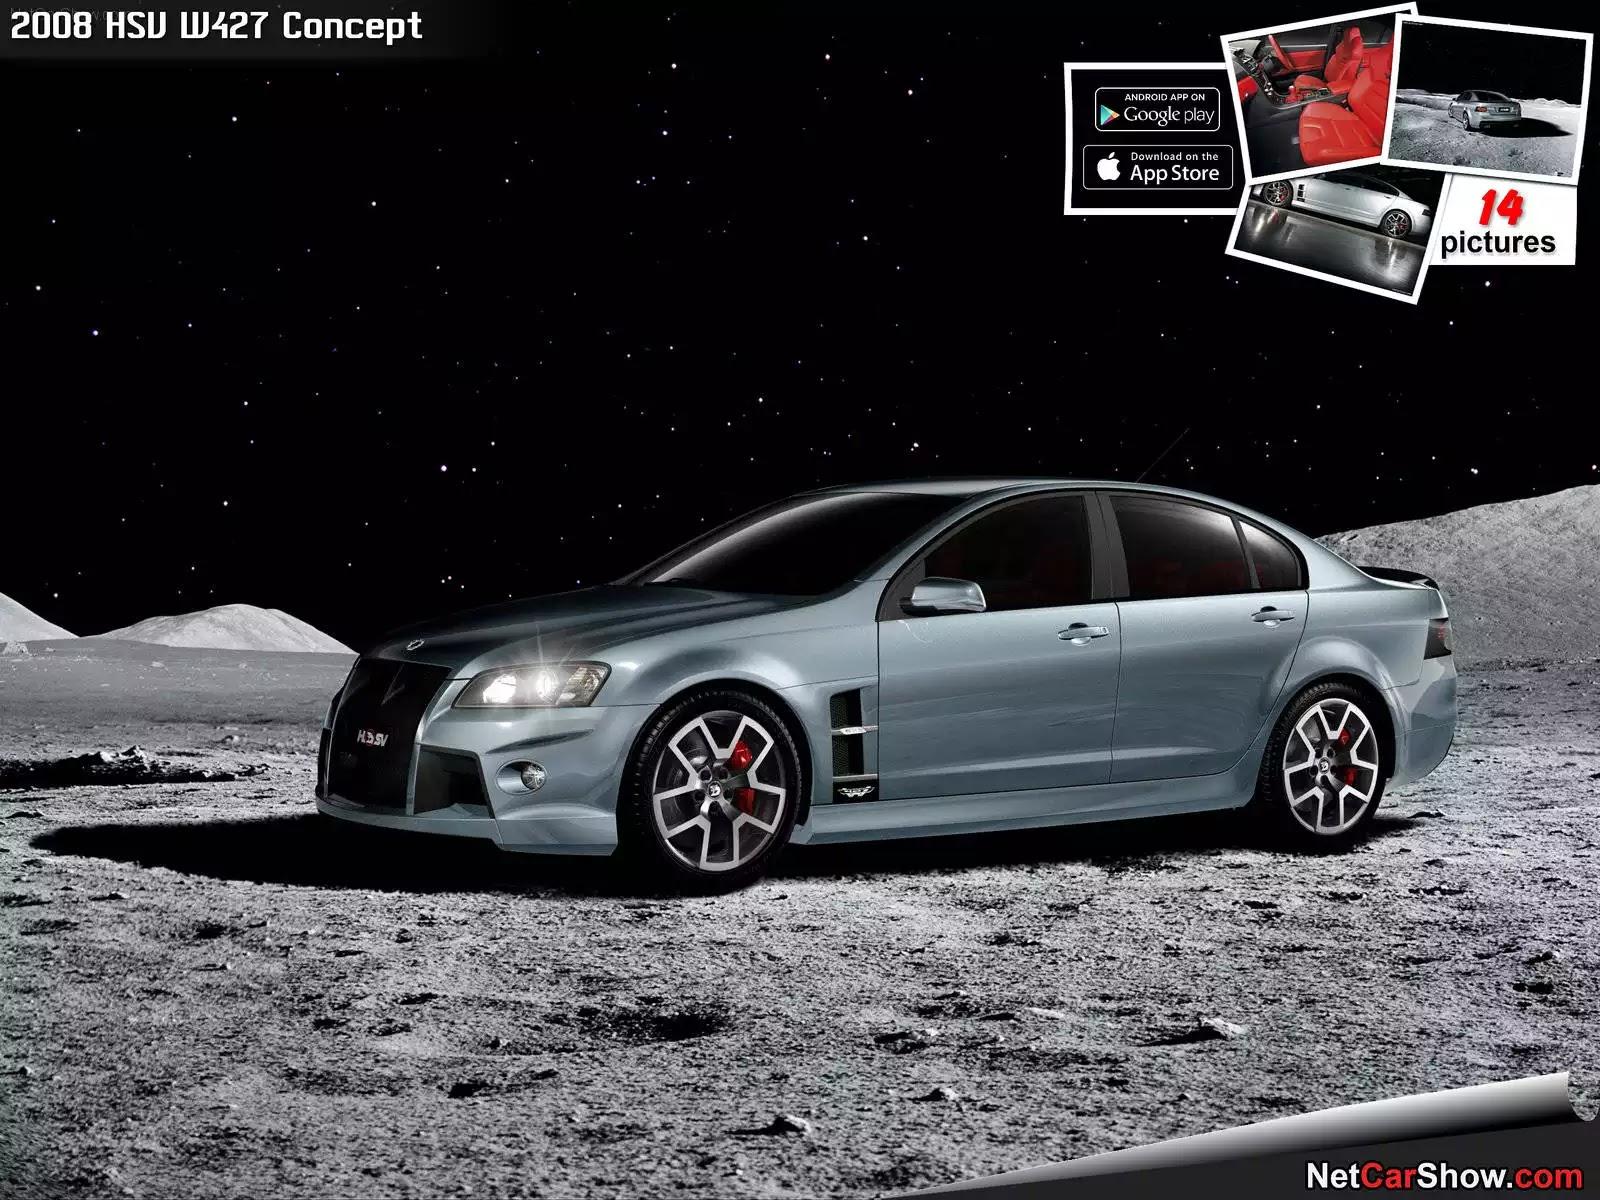 Hình ảnh xe ô tô HSV W427 Concept 2008 & nội ngoại thất